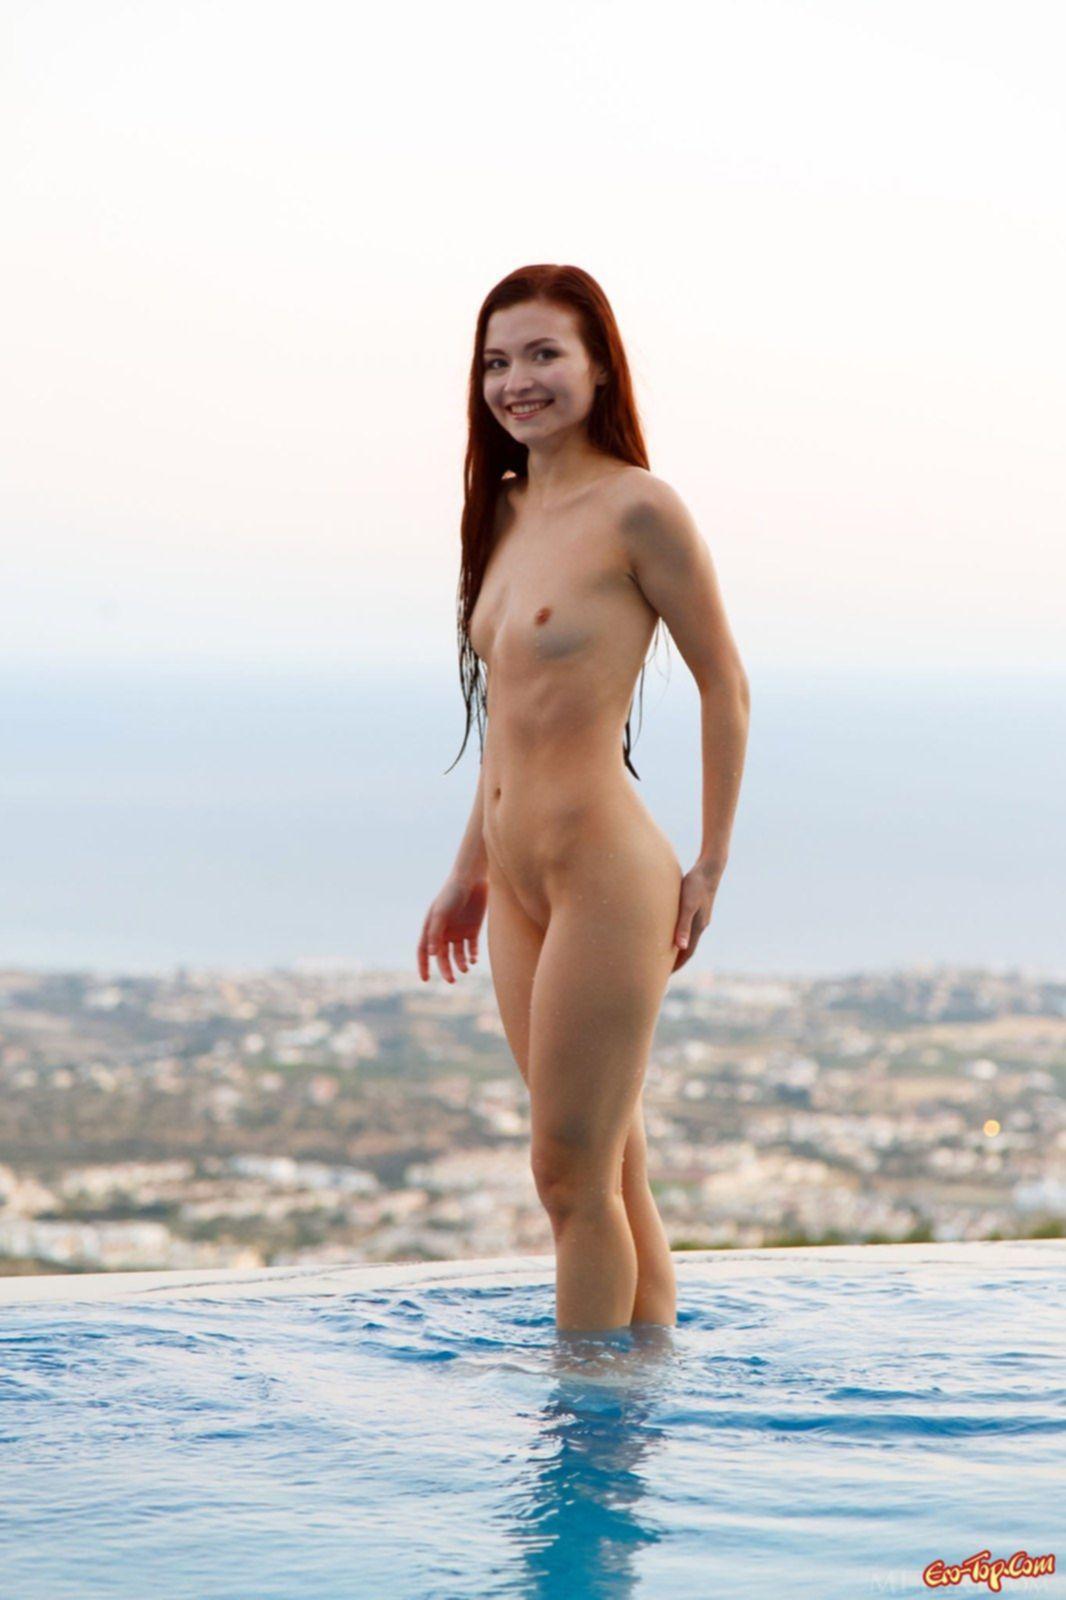 Подборка фотографий от сексуальной рыжей девушки - эротика